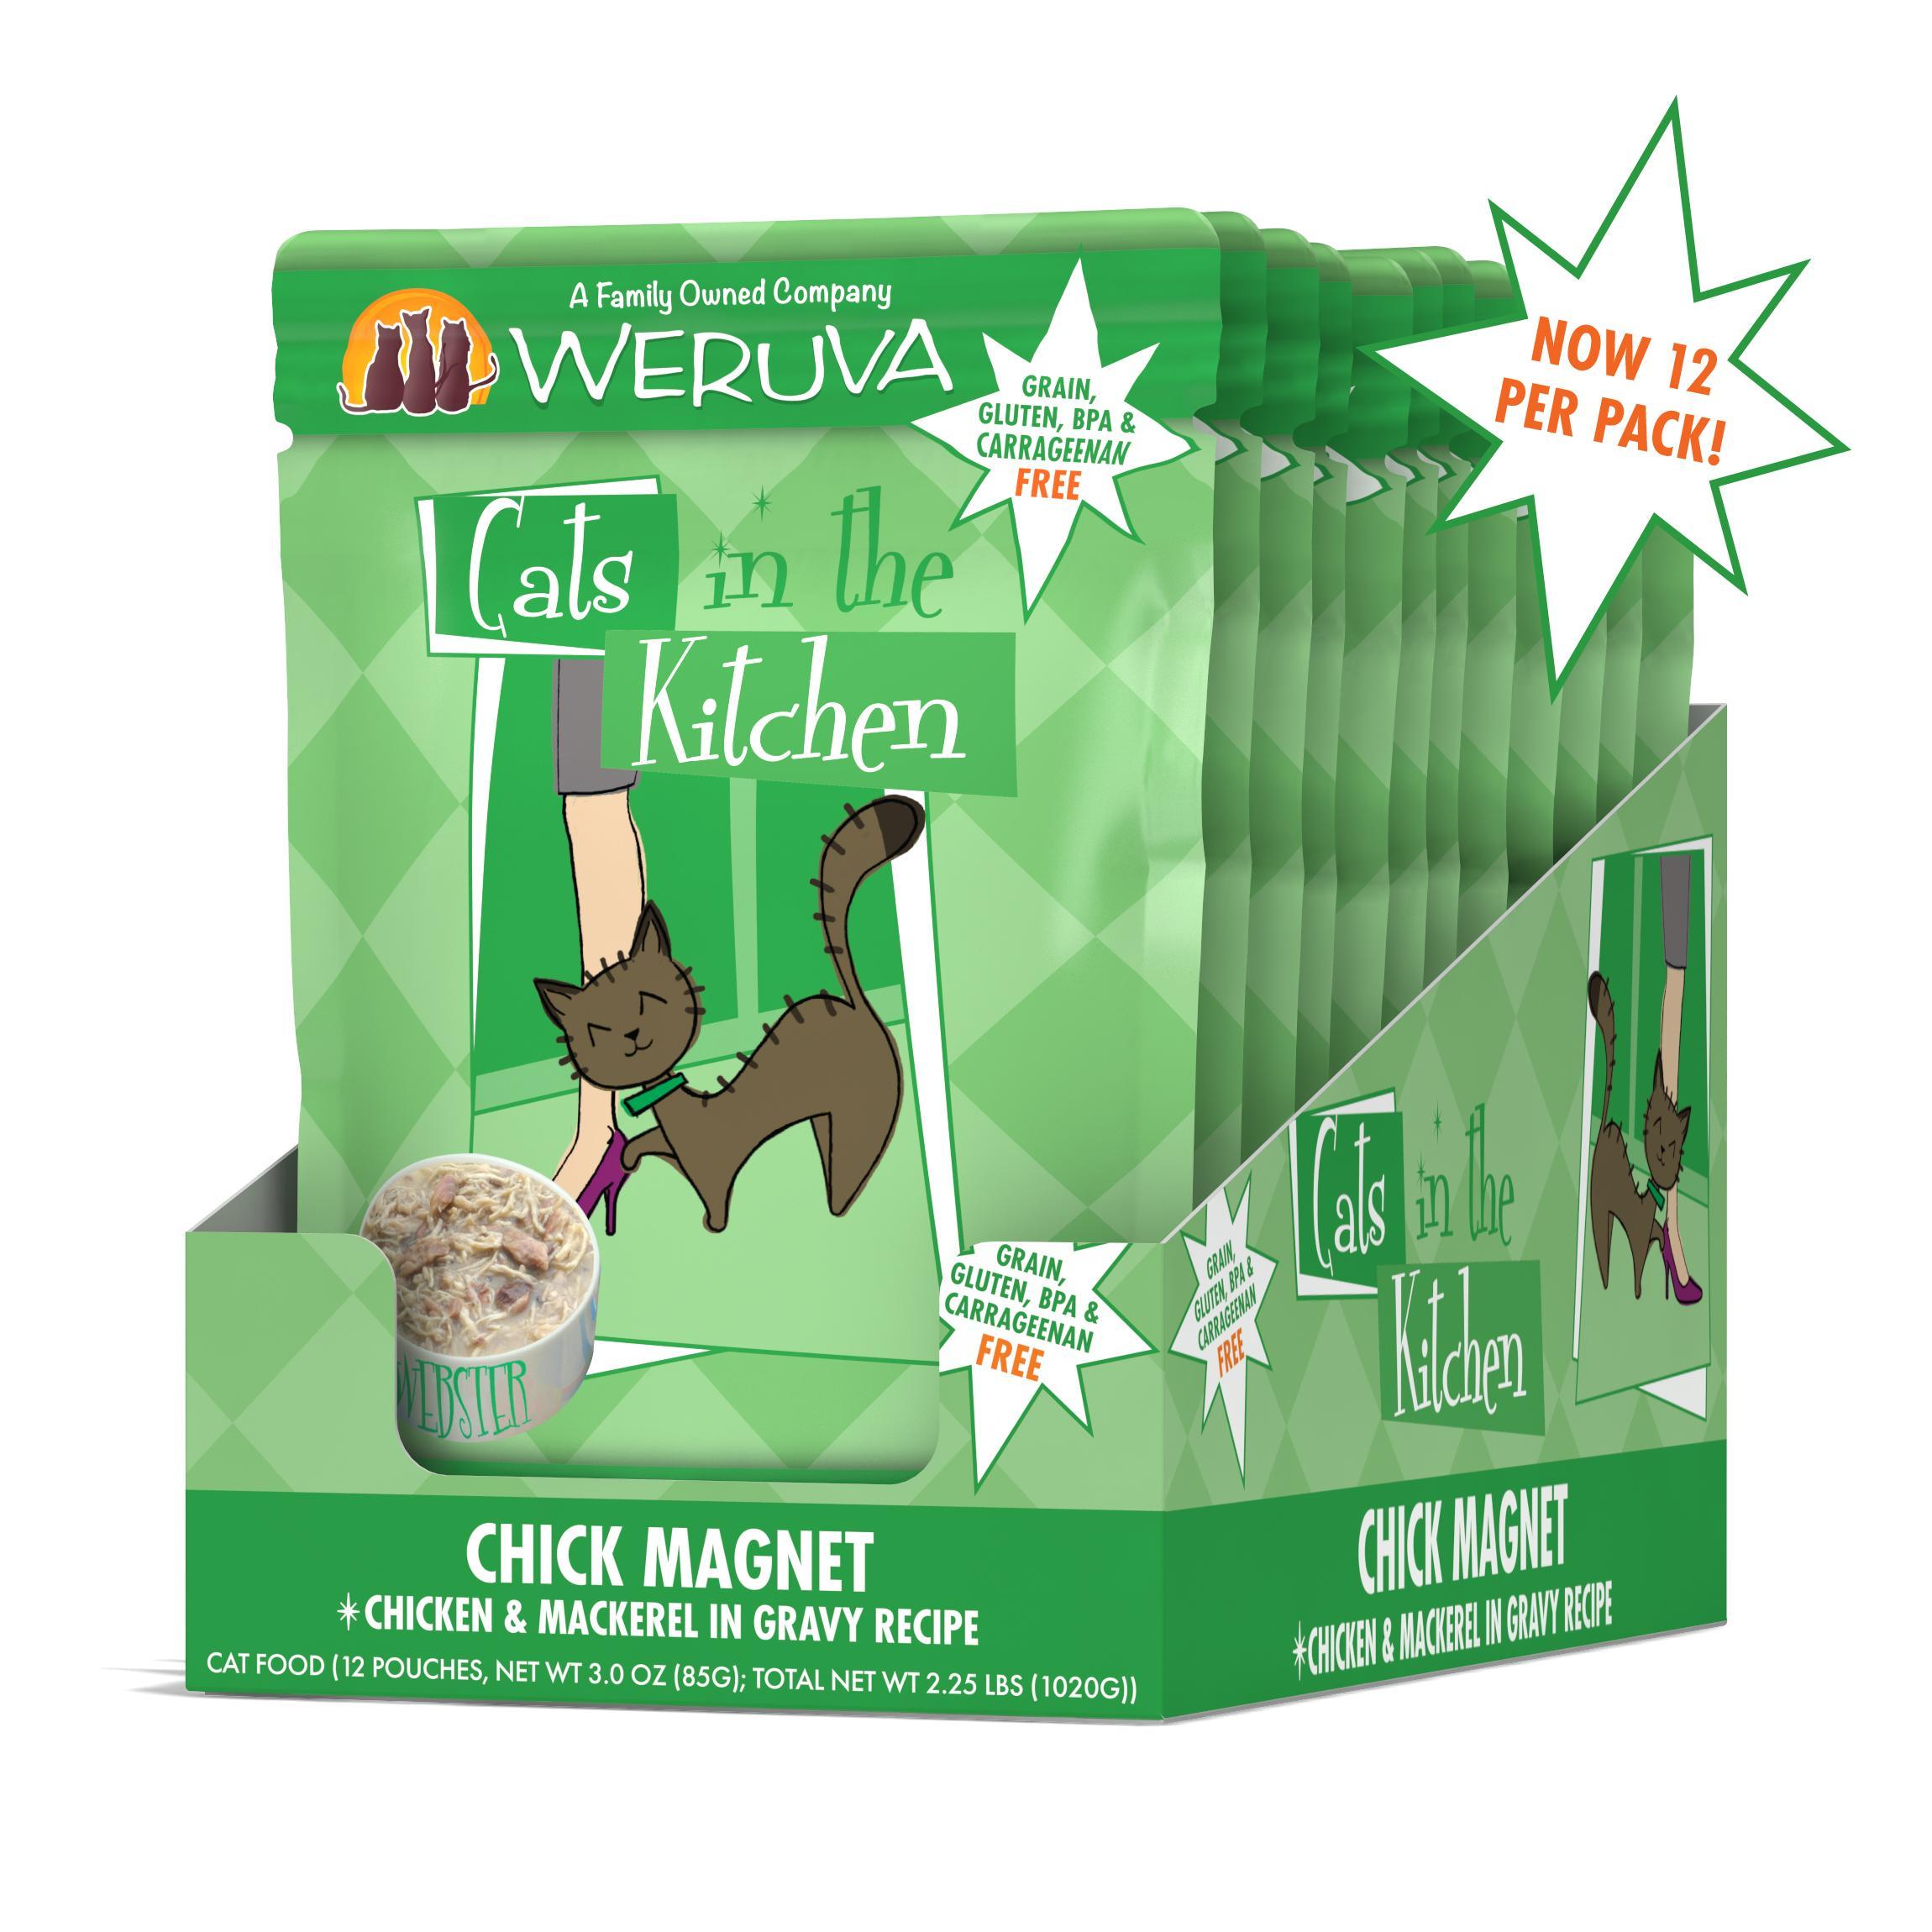 Weruva Cats in the Kitchen Chick Magnet Chicken & Mackerel in Gravy Recipe Grain-Free Wet Cat Food, 3-oz pouch, case of 12